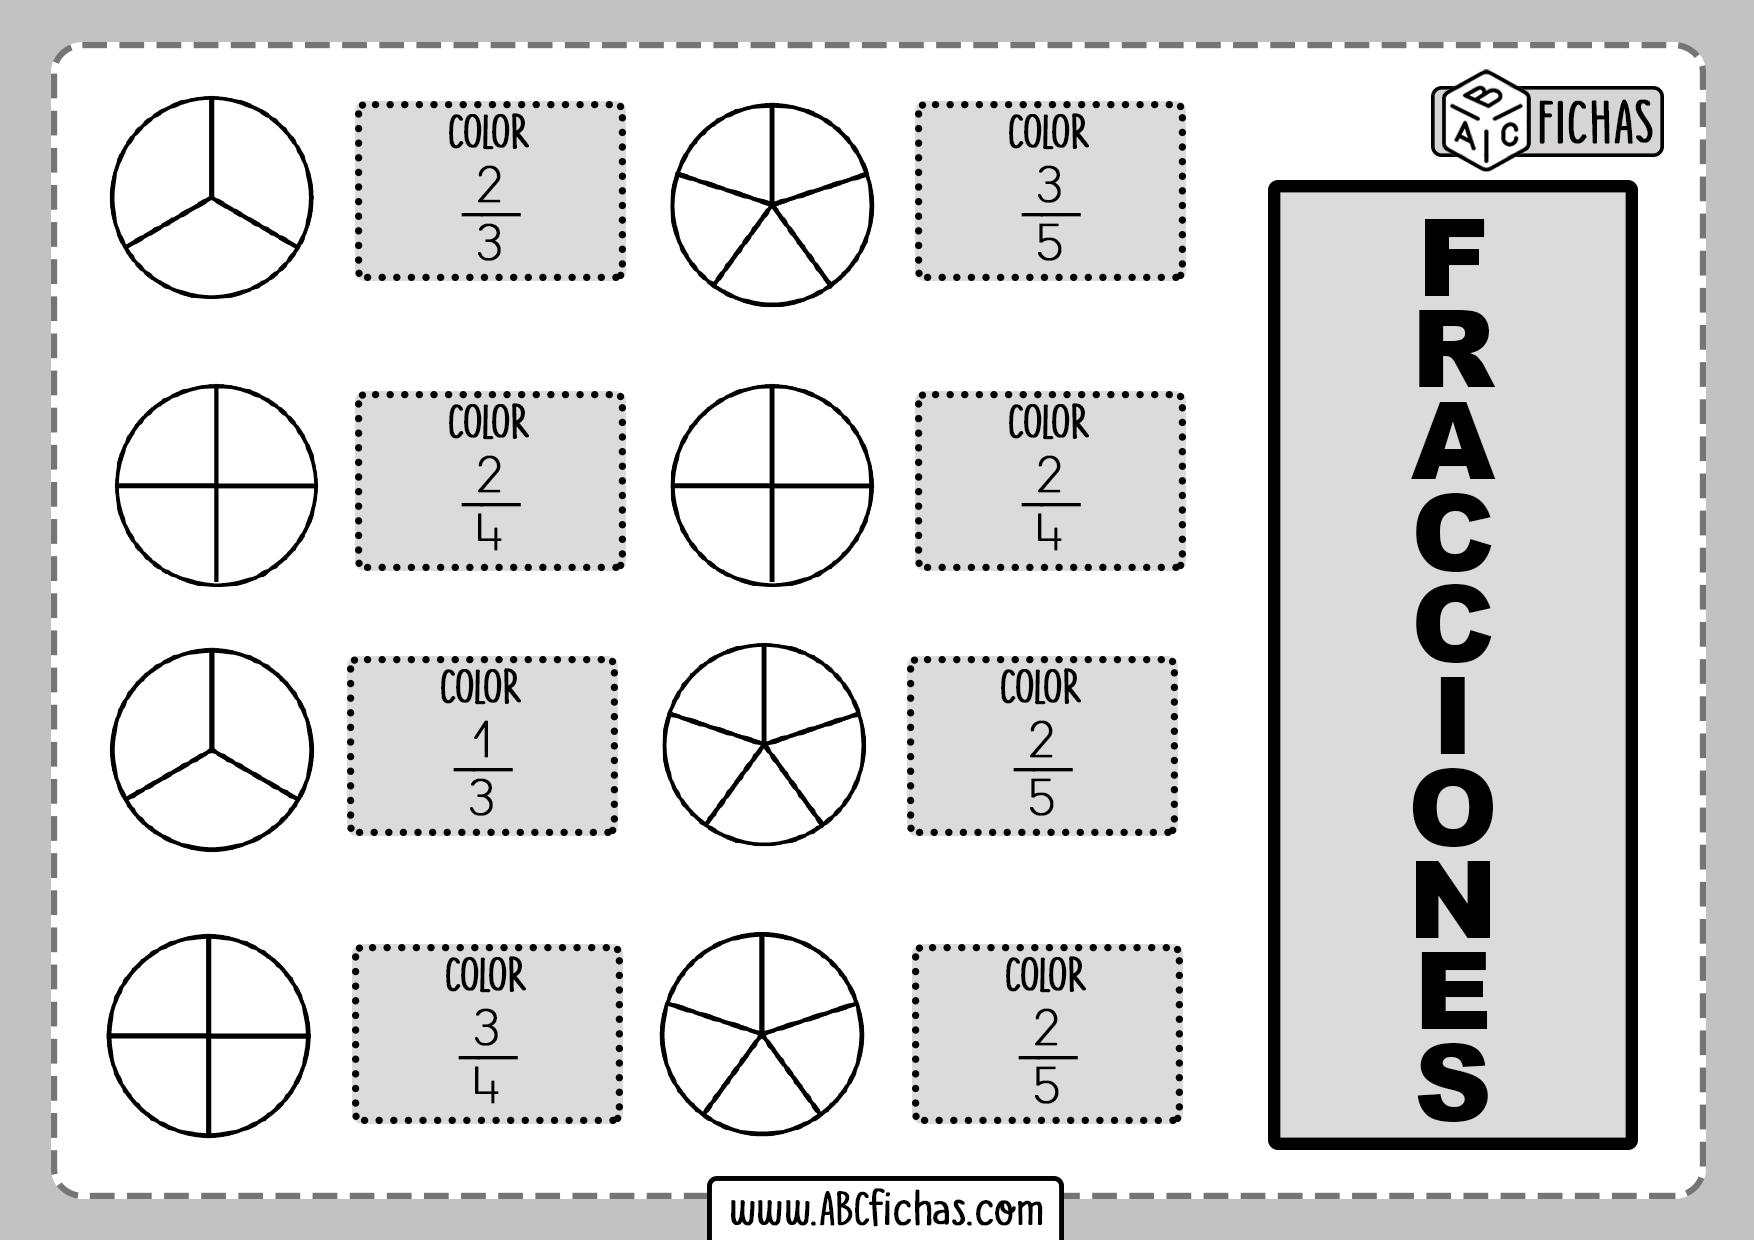 Fichas de Fracciones Matematicas